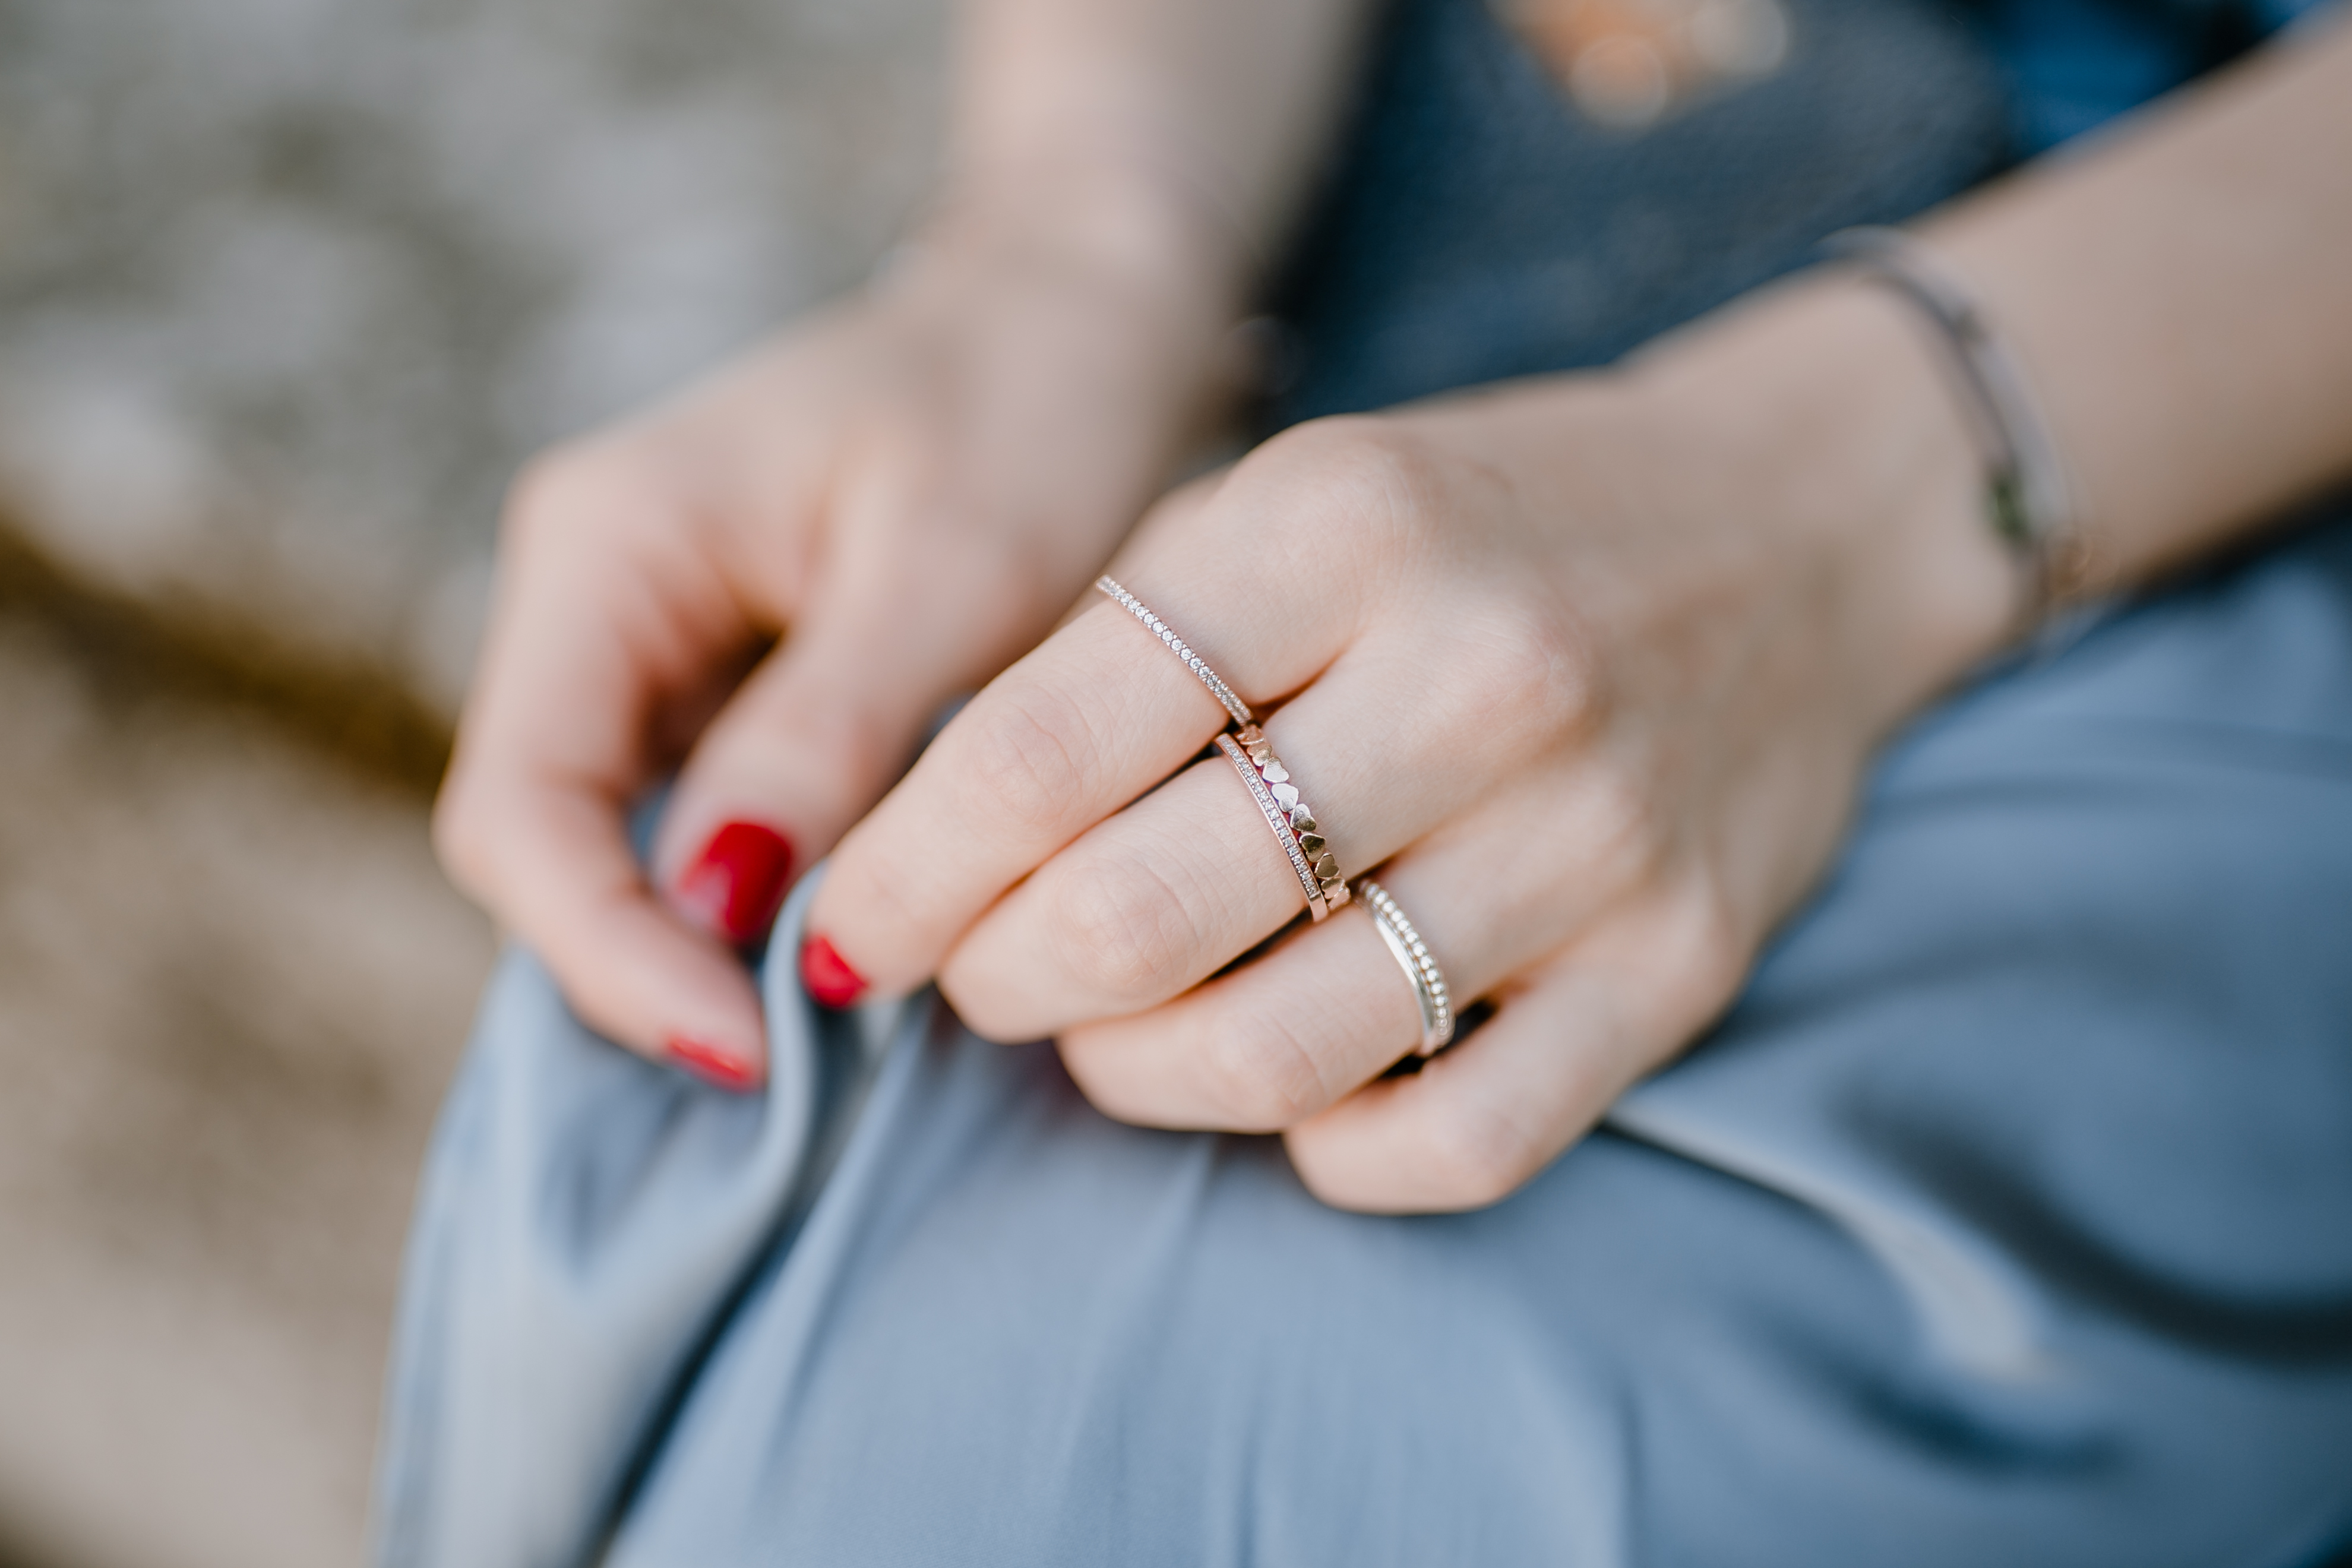 BLOG YOUR STYLE: Wedding Guest auf dem österreichischen Lifestyle Blog Bits and Bobs by Eva. Mehr Fashion, Thomas Sabo und Looks auf www.bitsandbobsbyeva.com